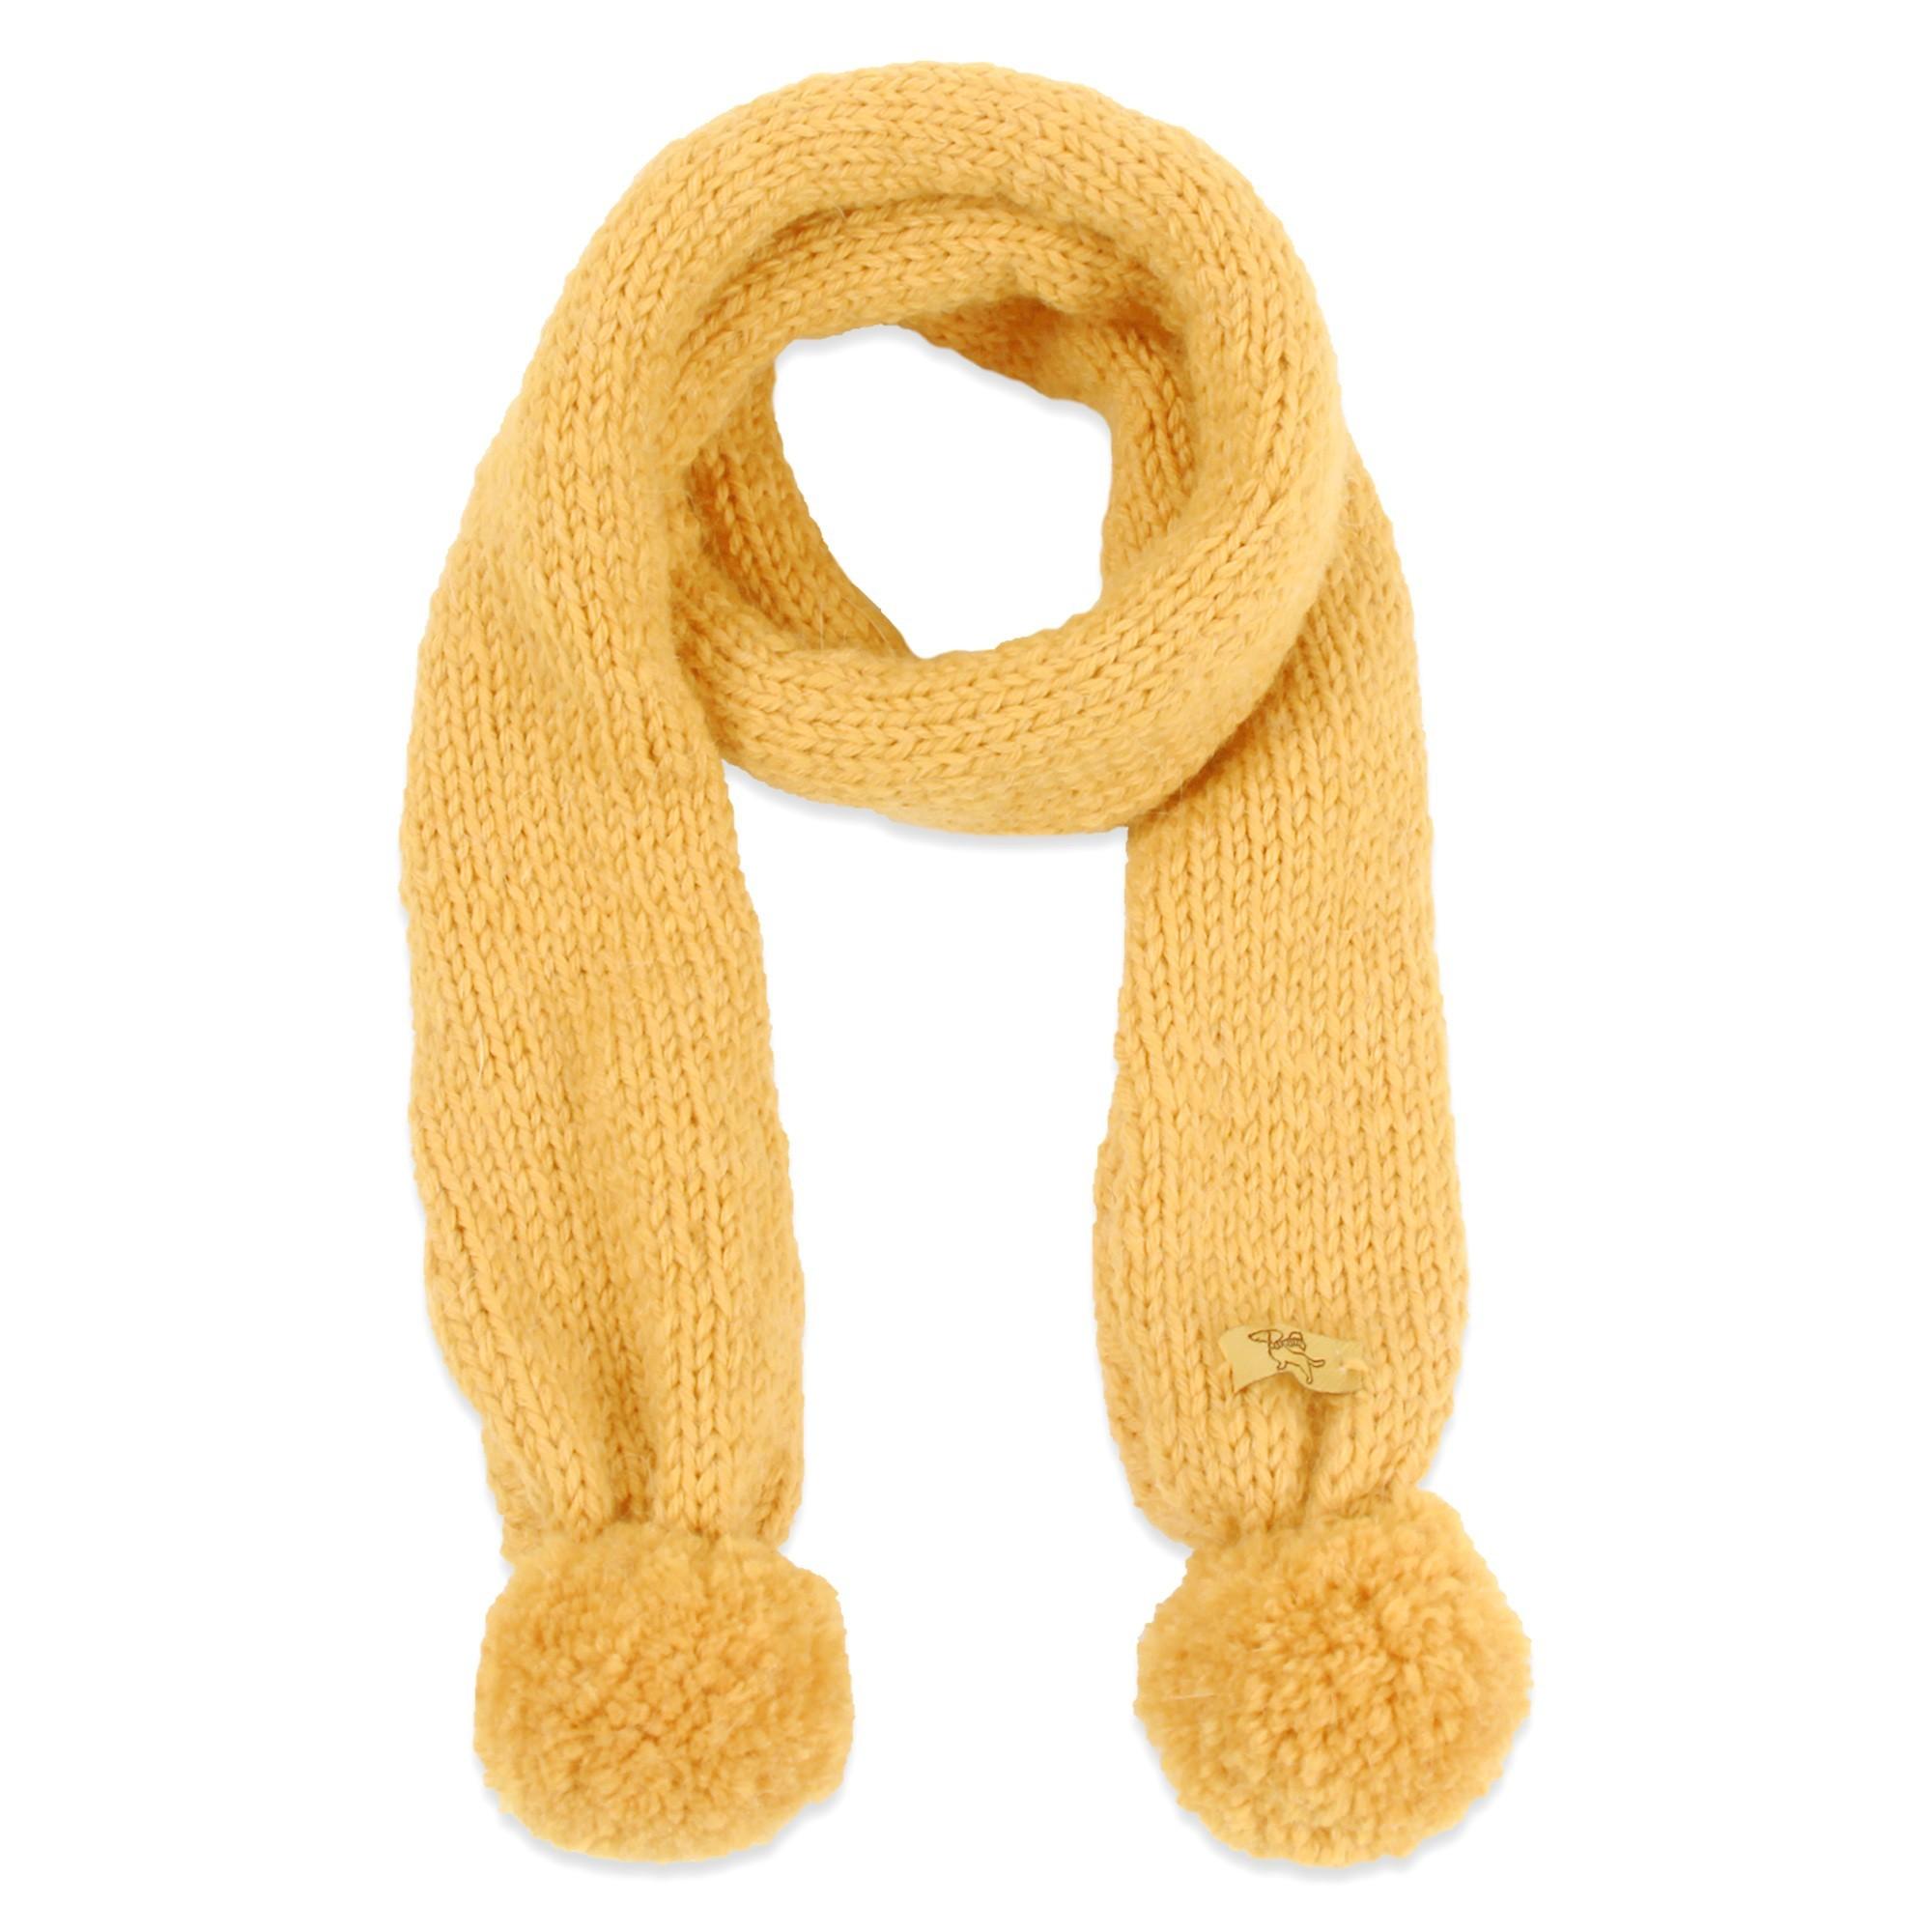 les tricots de mamy charpe enfant jaune tricot en laine et alpaga tr s doux et chaud mamy. Black Bedroom Furniture Sets. Home Design Ideas